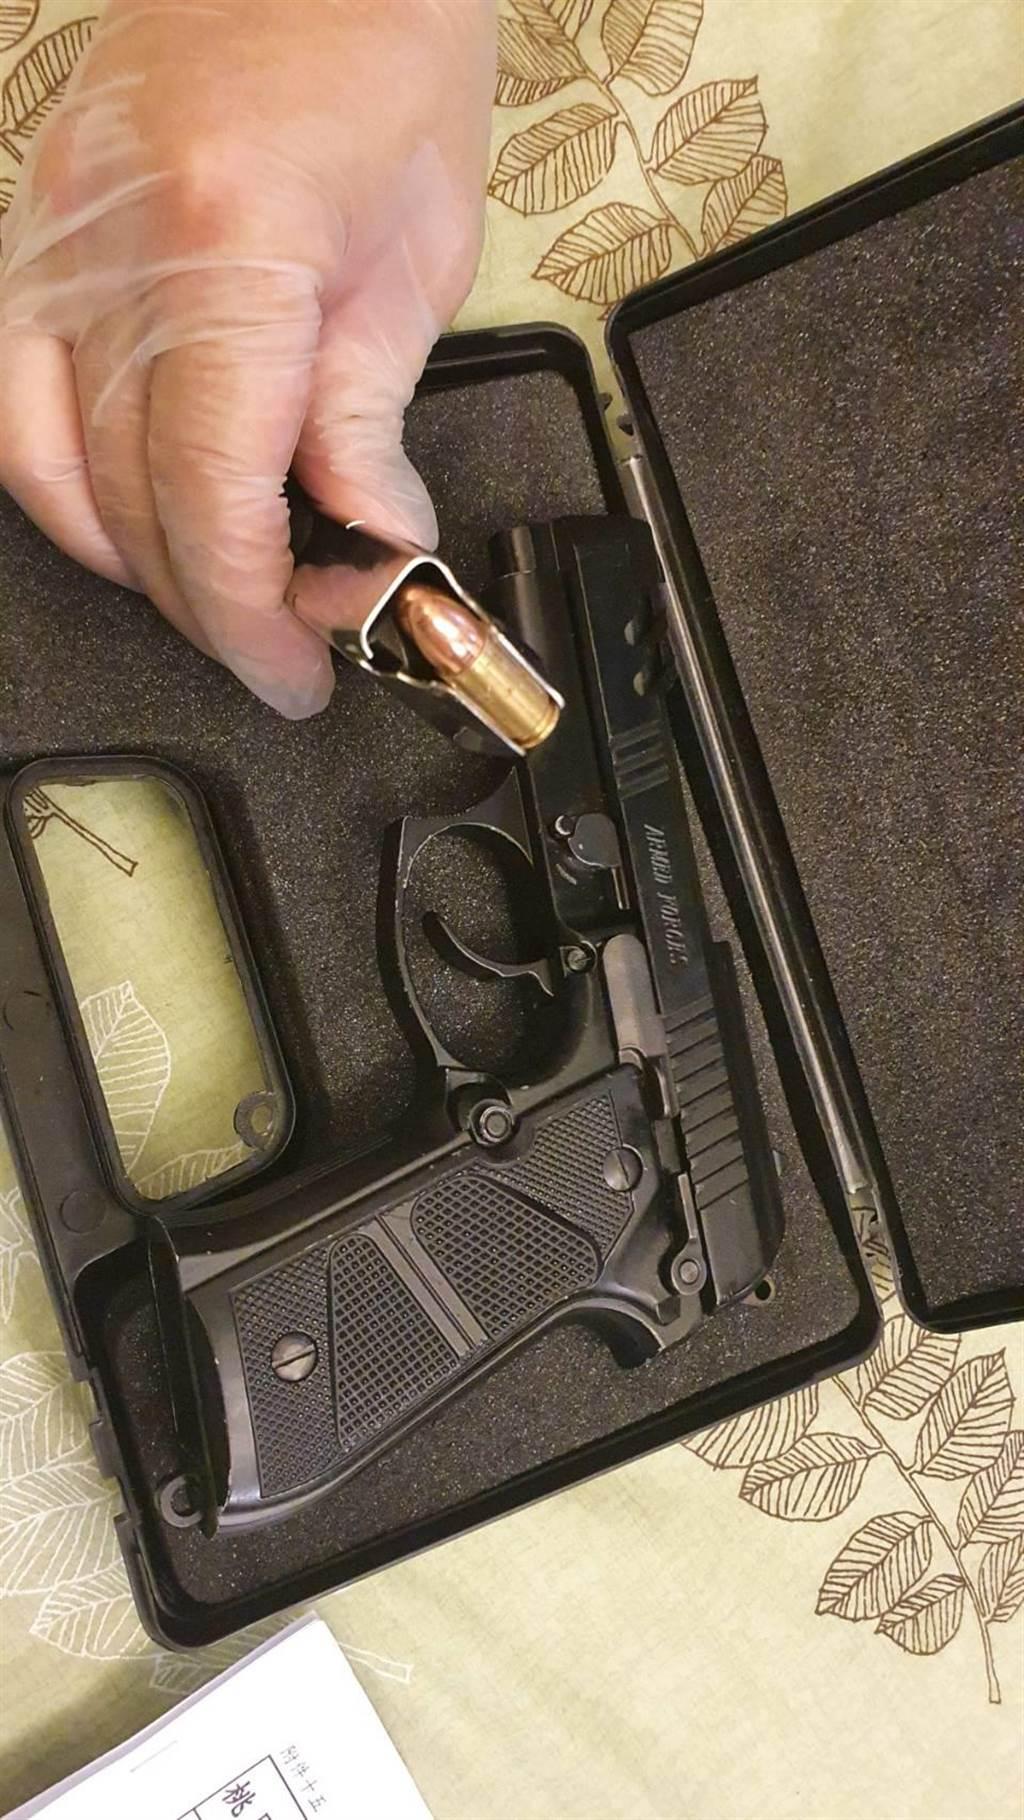 桃園市警察局4日規畫「除暴專案行動」,查獲槍枝11支。(警方提供/賴佑維桃園傳真)